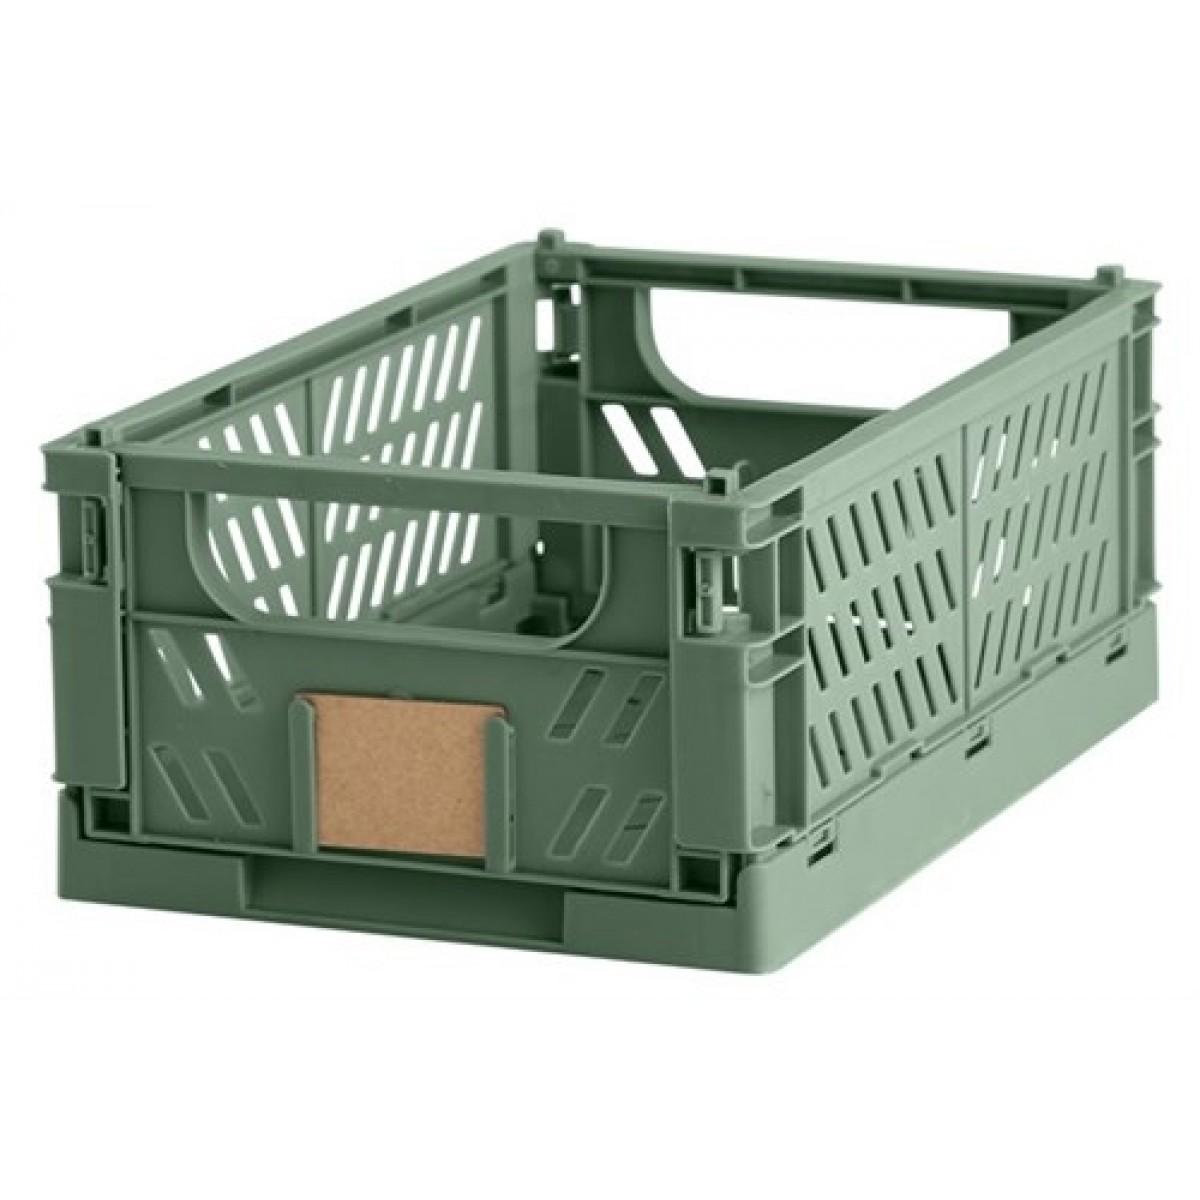 DAYOpbevaringskassefoldbar25x165x10cmdillgreen-01